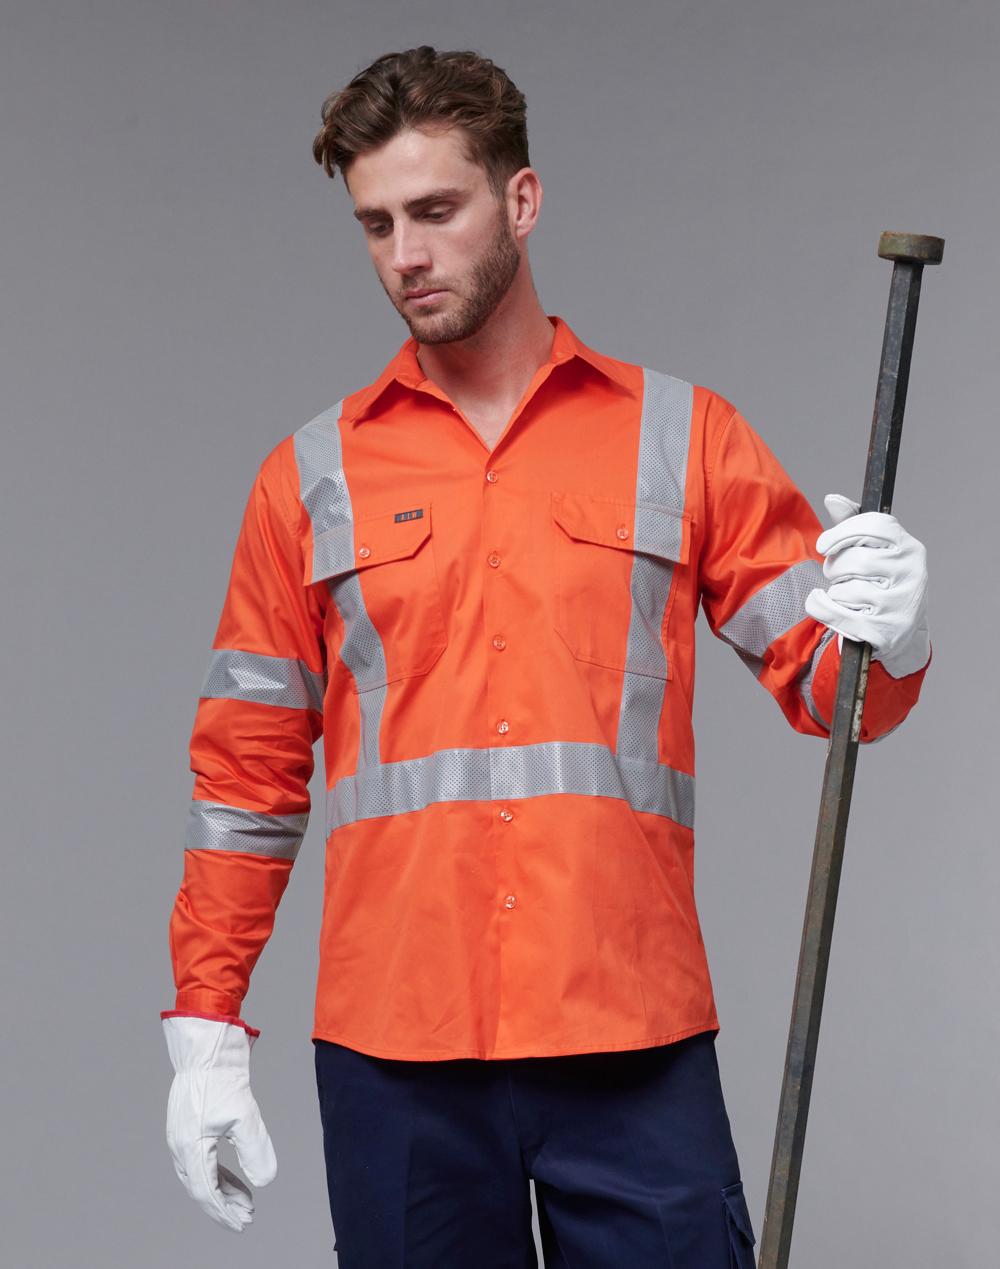 SW66 NSW Rail Lightweight Safety Shirt